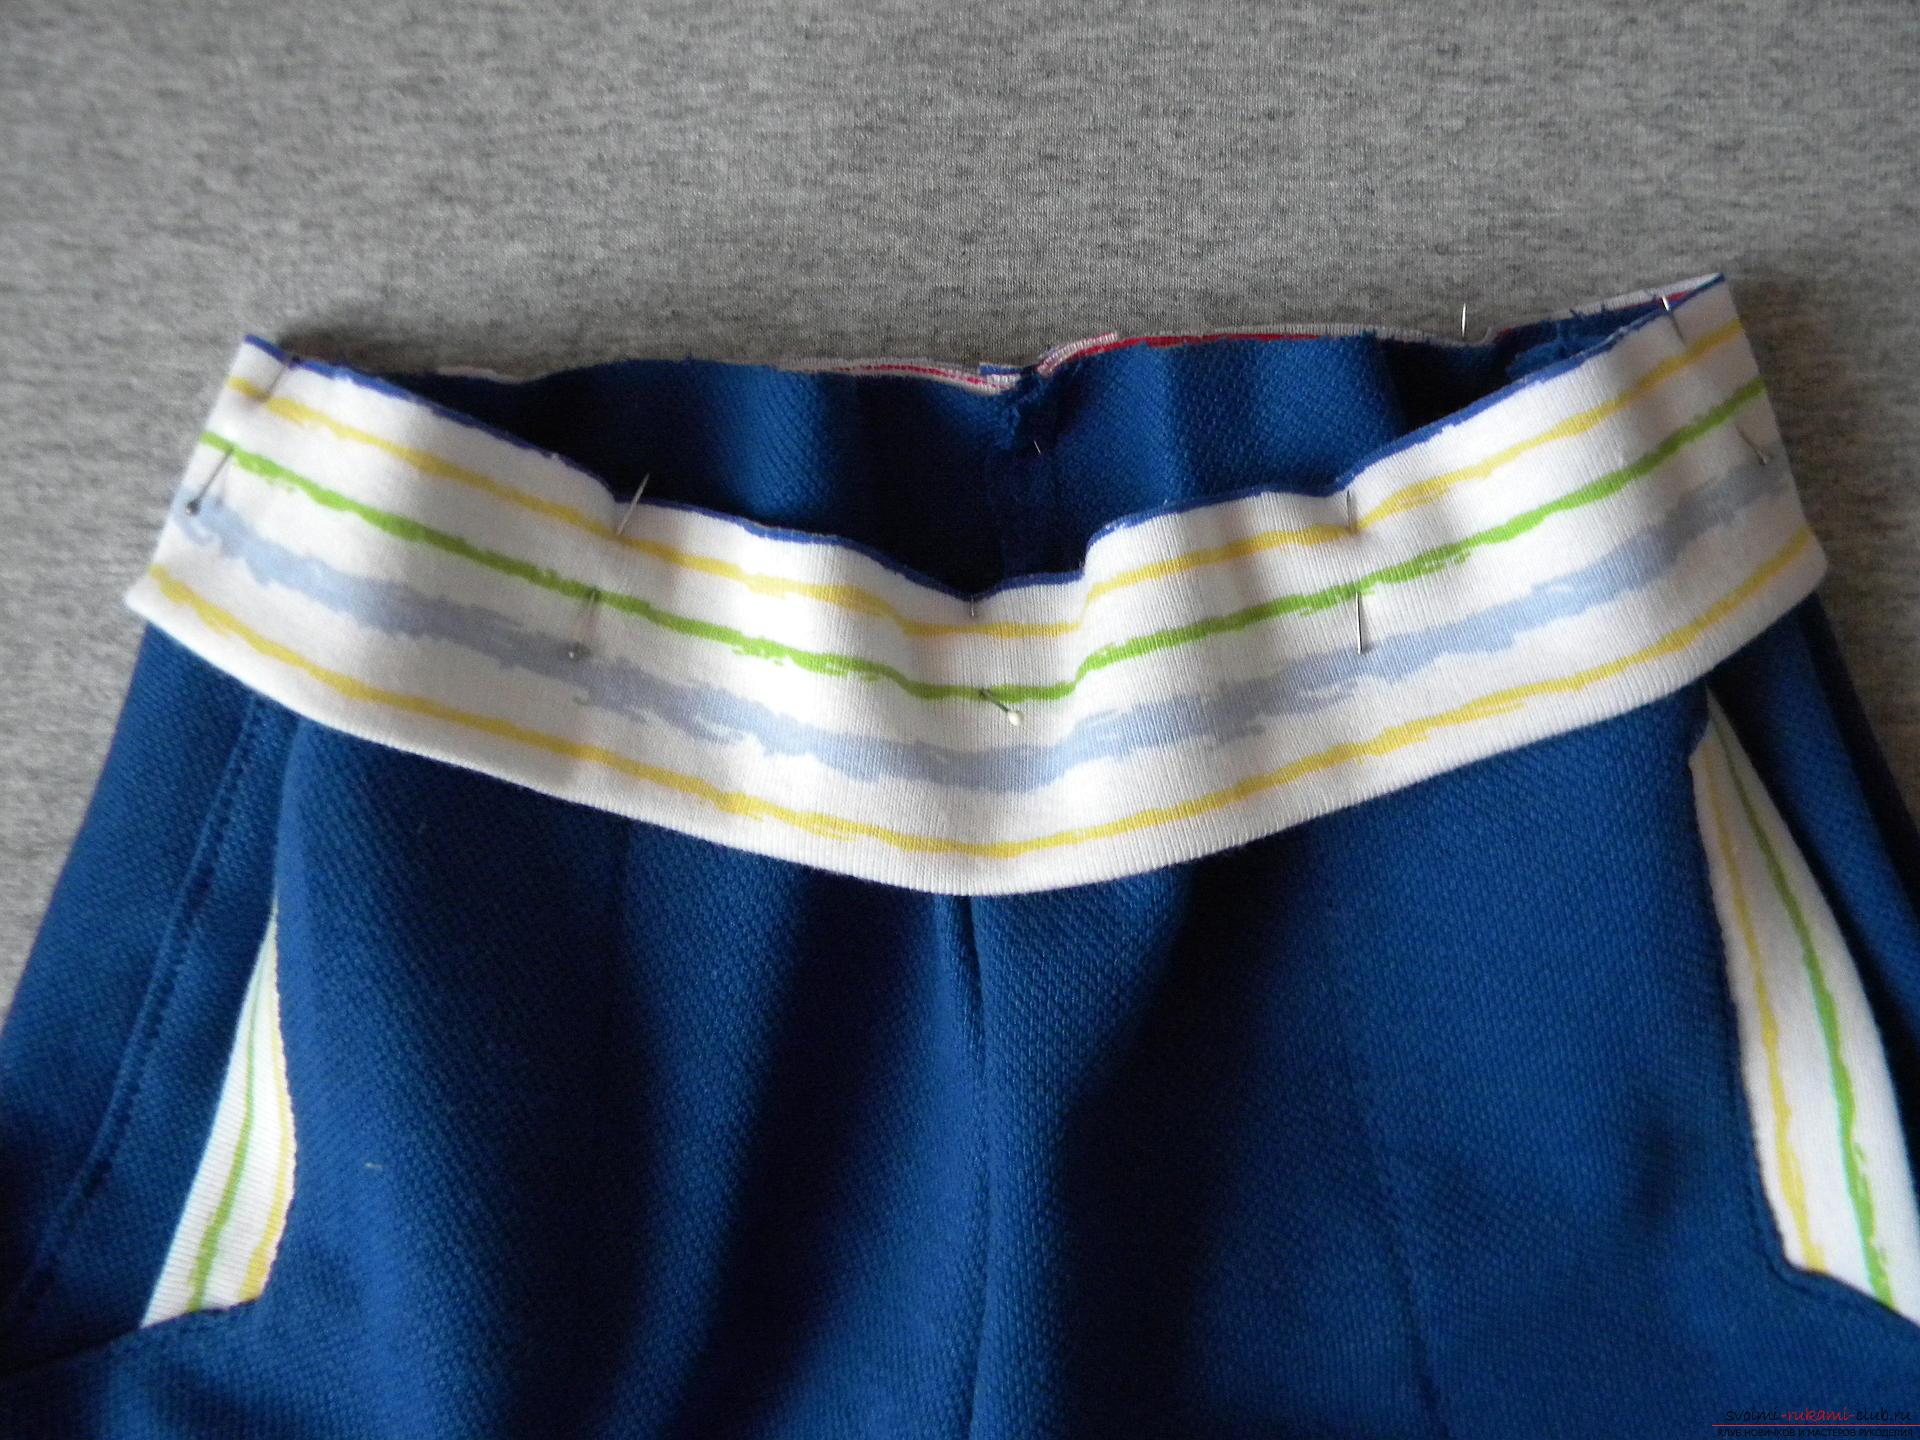 Как сделать резинку на штанах в низу